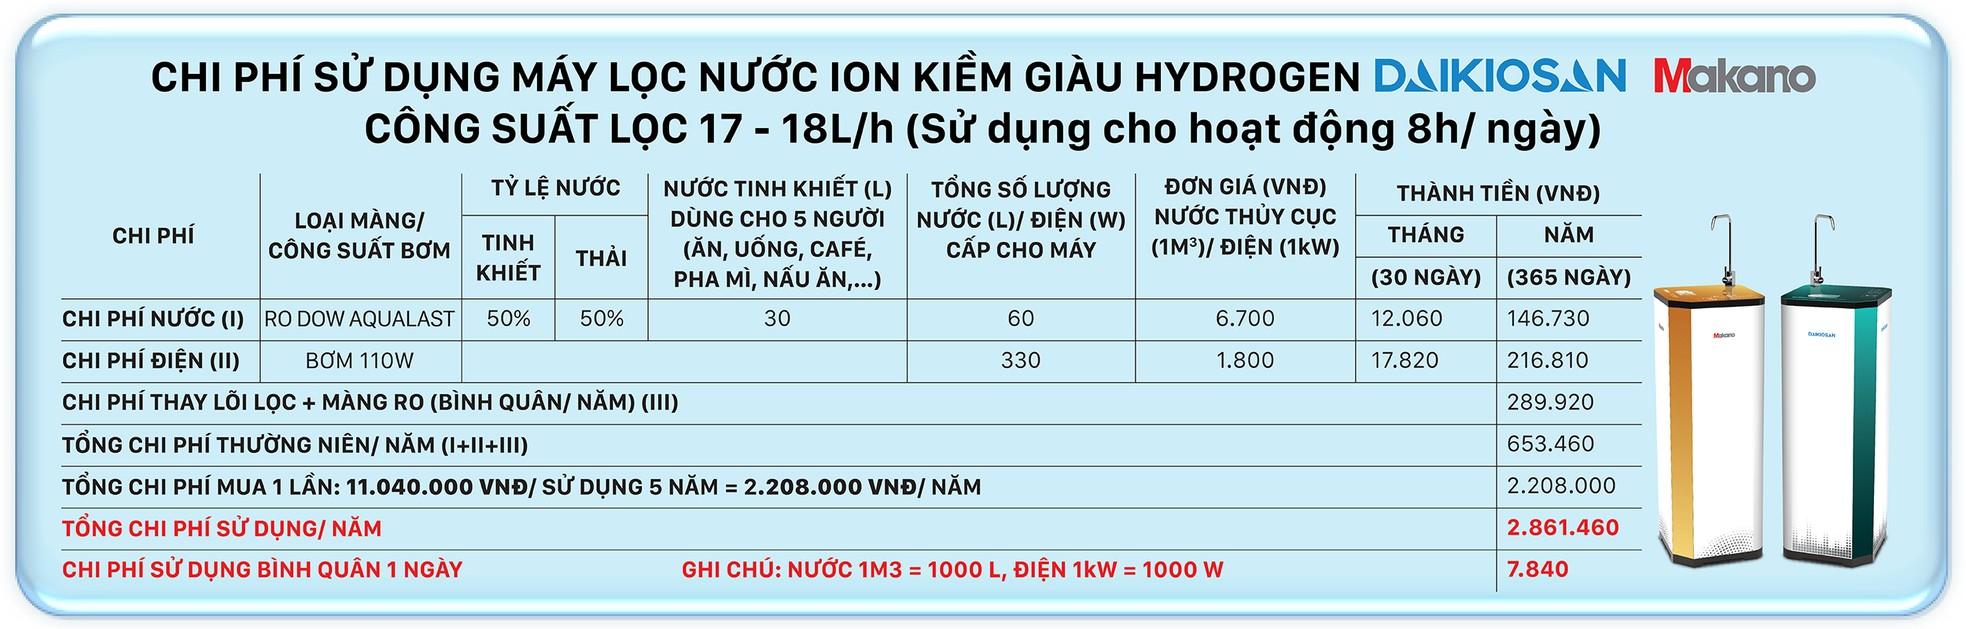 Máy lọc nước ion kiềm mang nước tốt cho sức khỏe người Việt ảnh 9